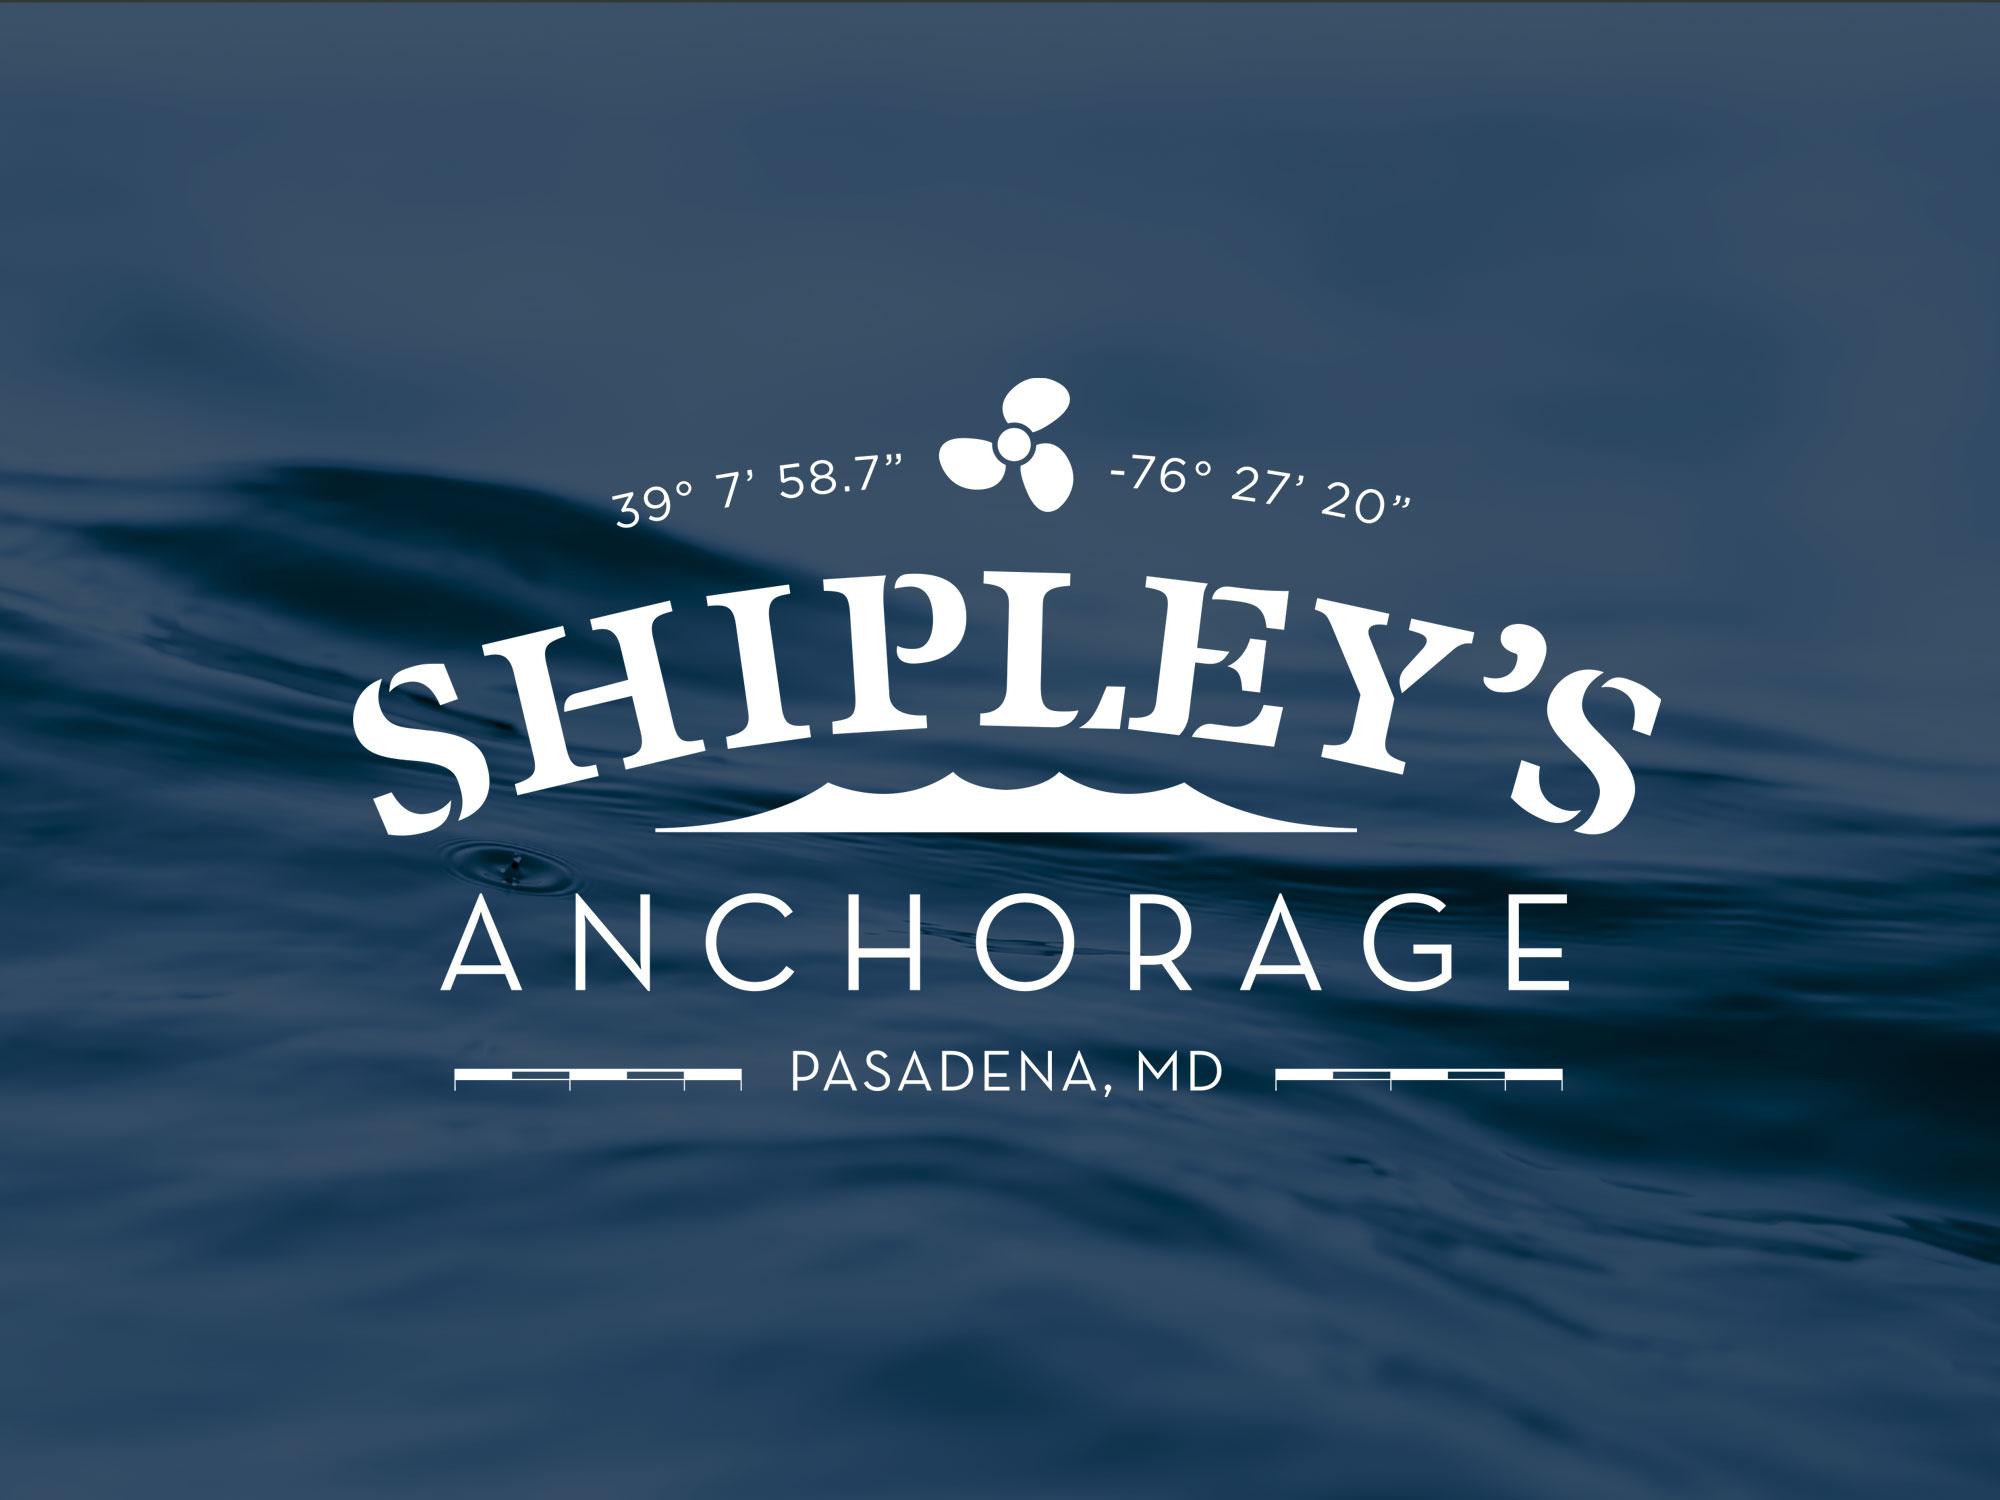 Shipley1